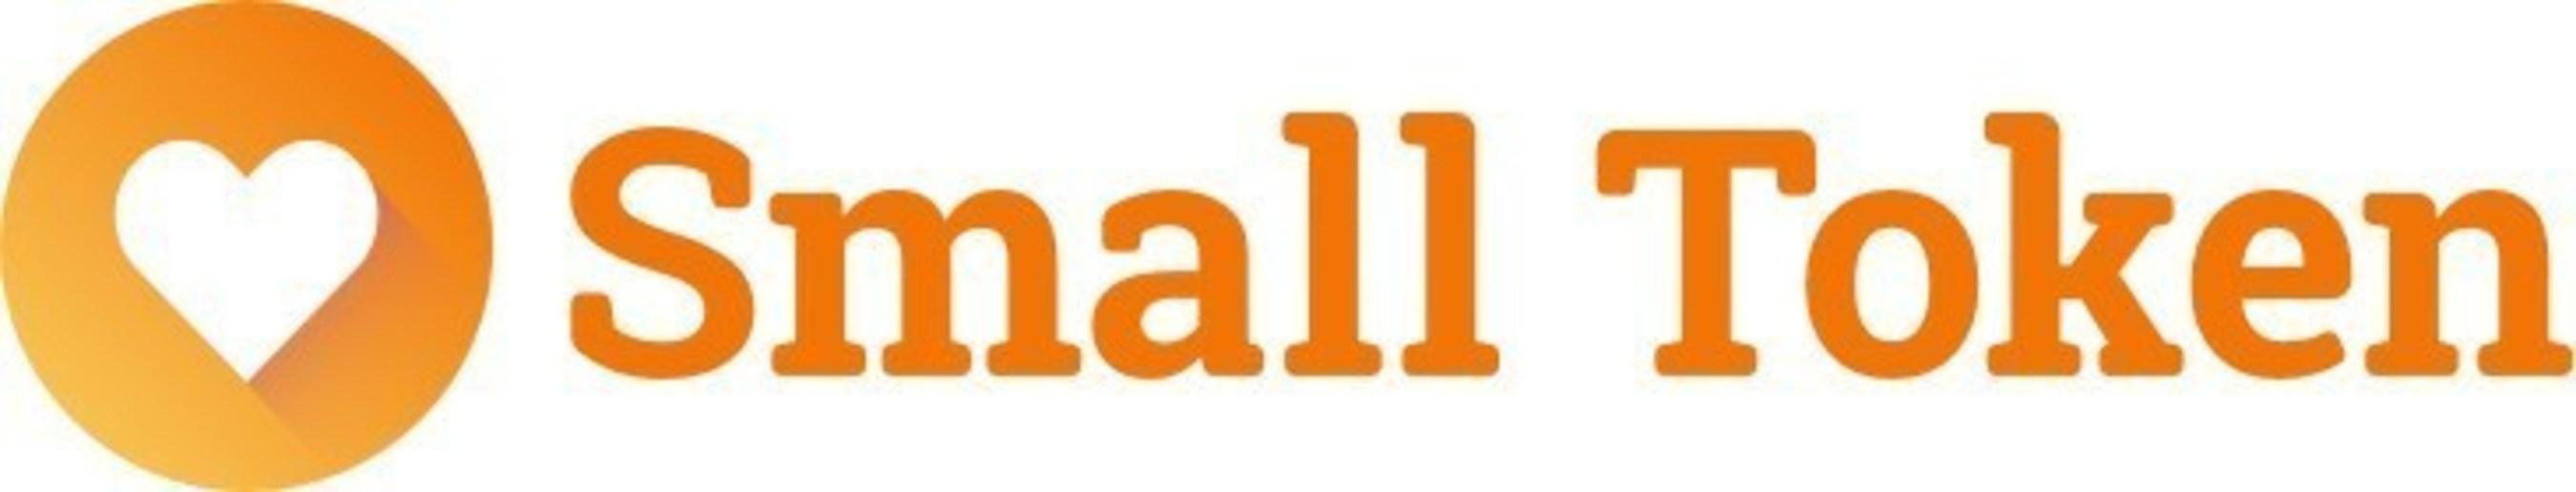 Small Token Logo